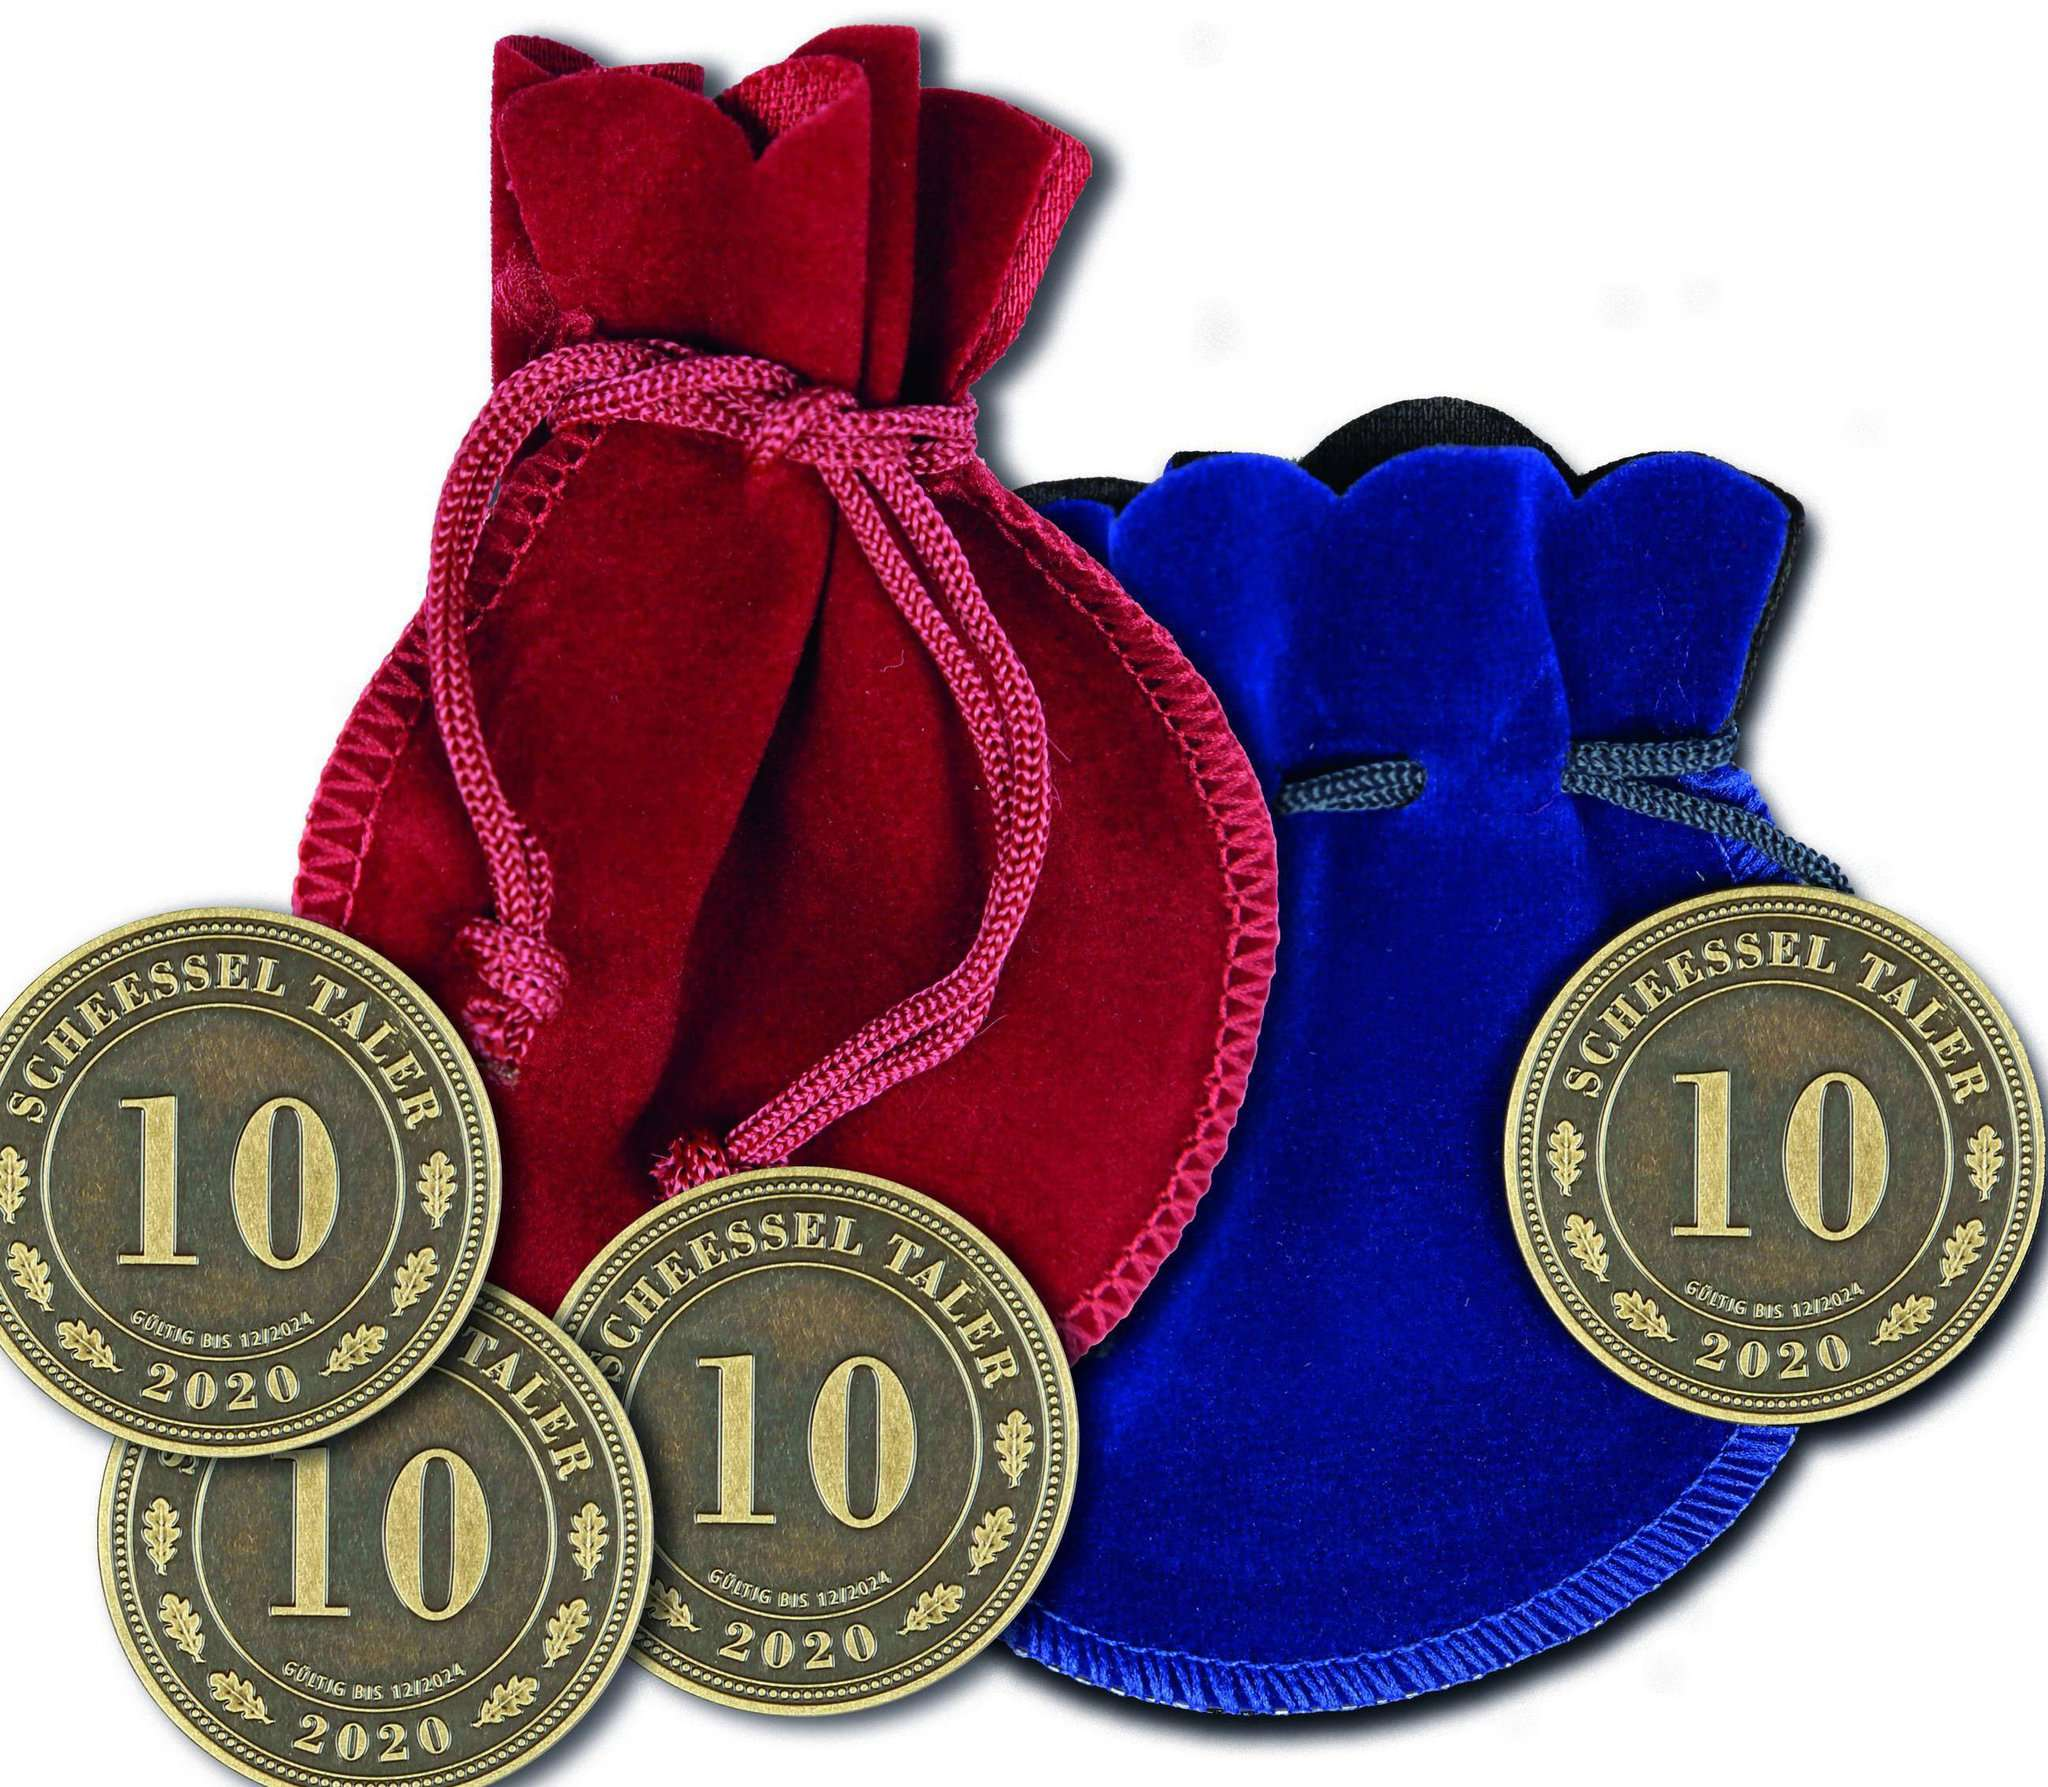 Mit dem ebenfalls erhältlichen Samtsäckchen ist der Scheeßel-Taler ein Geschenk für alle, die die lokale Wirtschaft unterstützen möchten.